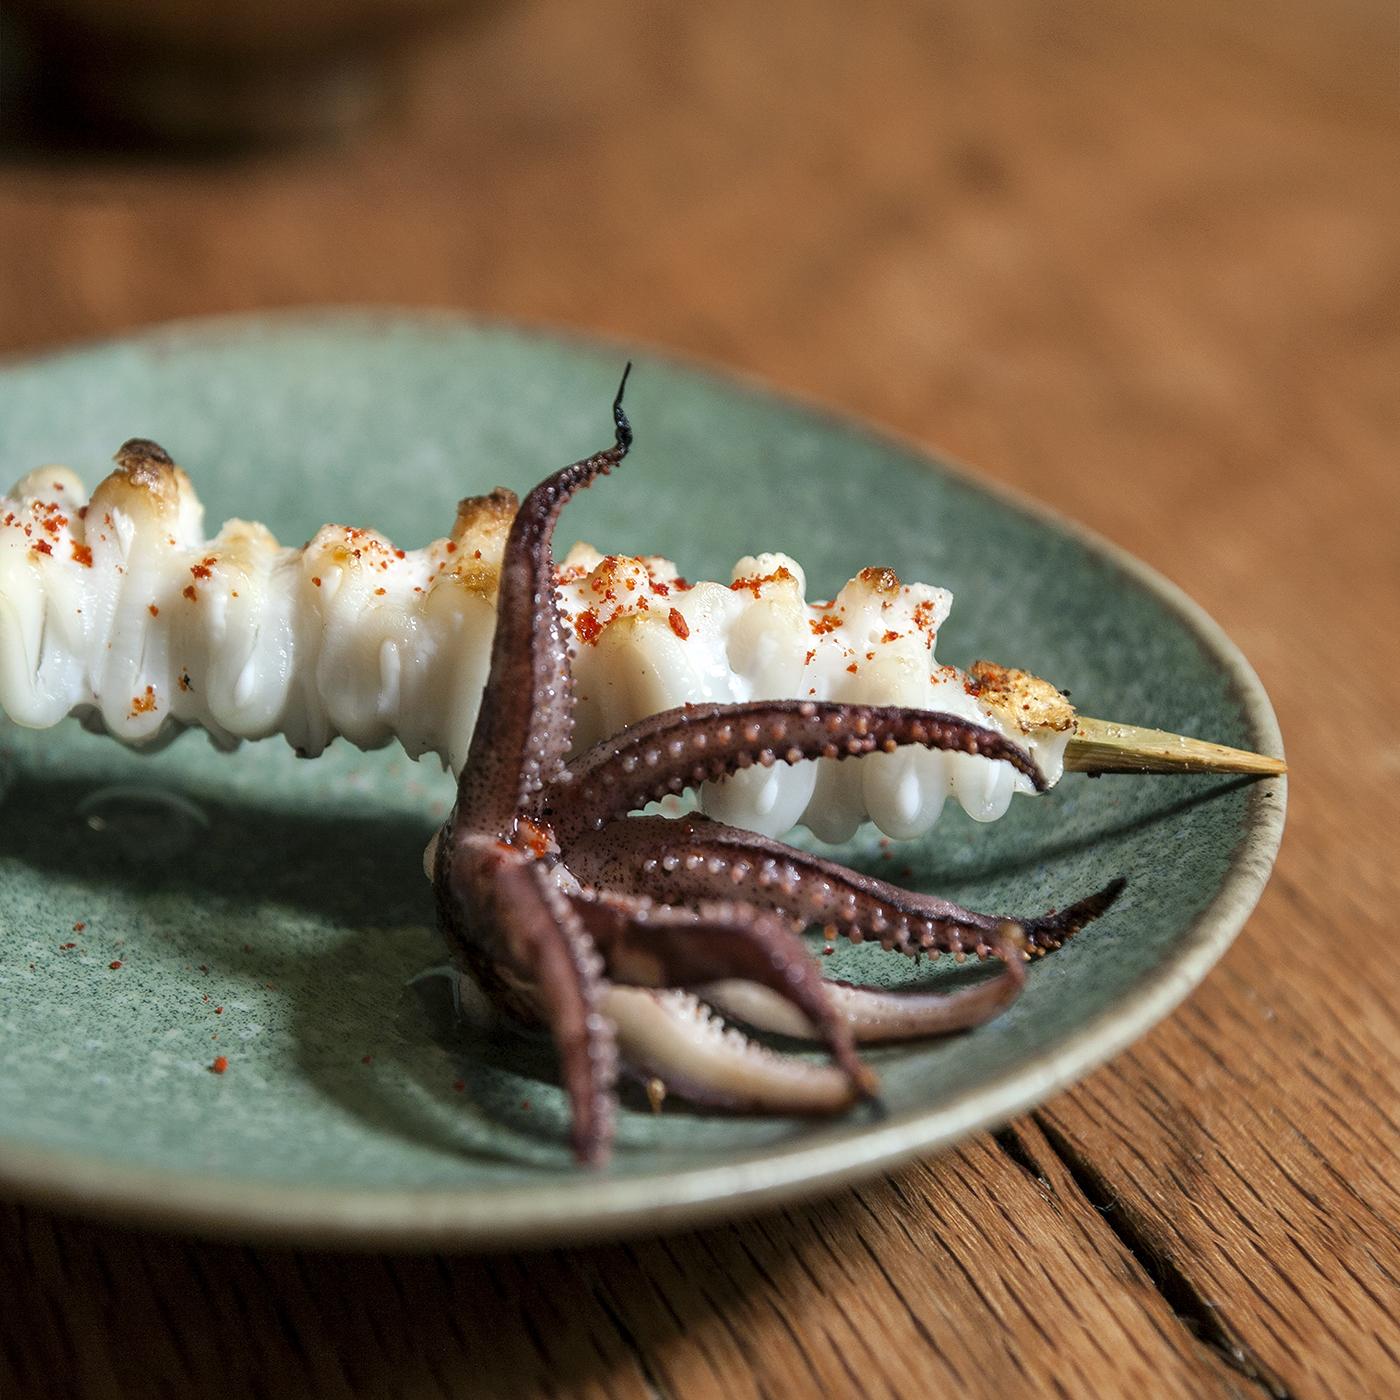 Onsen squid skewer